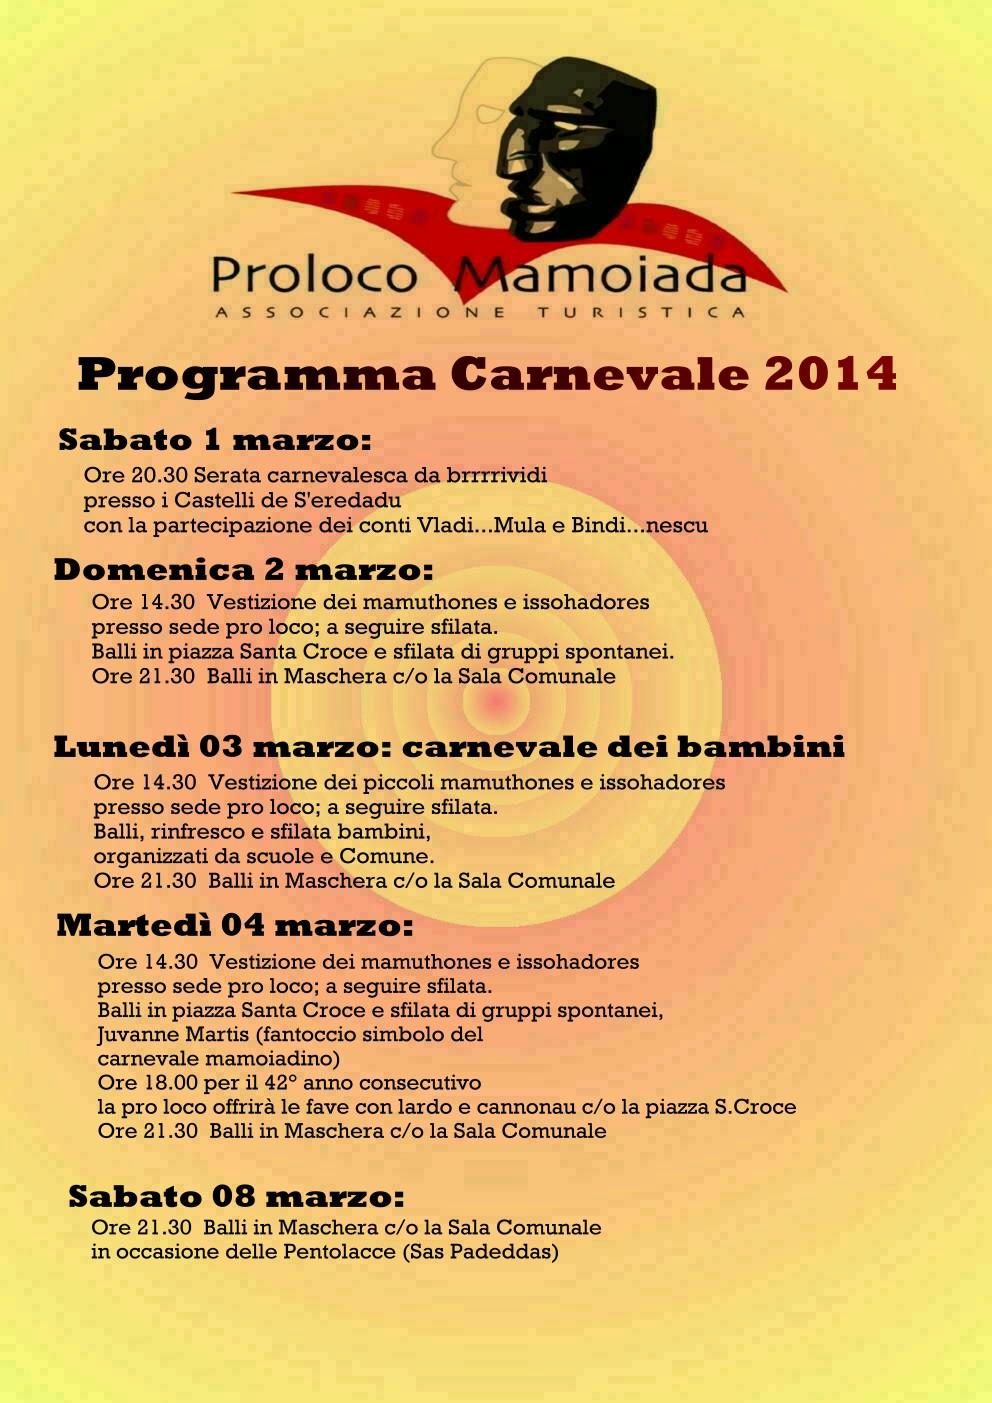 Carnevale 2014 a Mamoiada